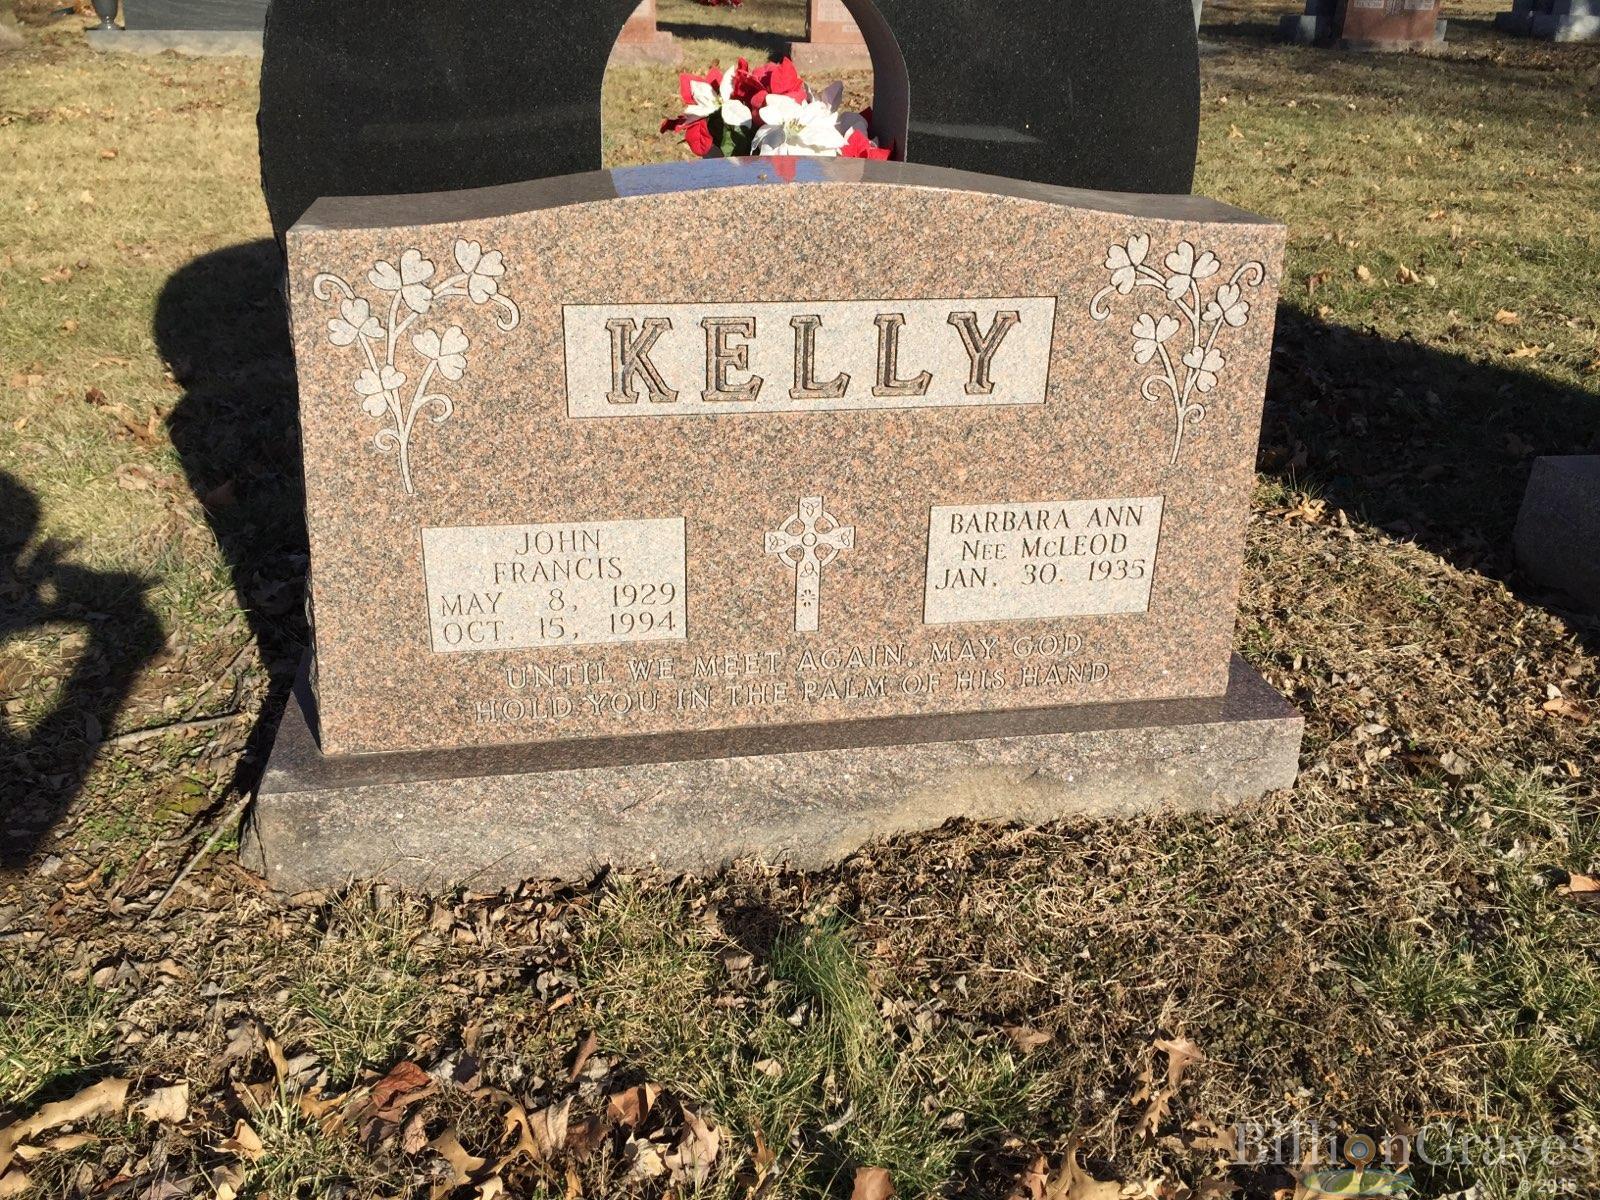 Grave Site of Barbara Ann Kelly (1933-) | BillionGraves